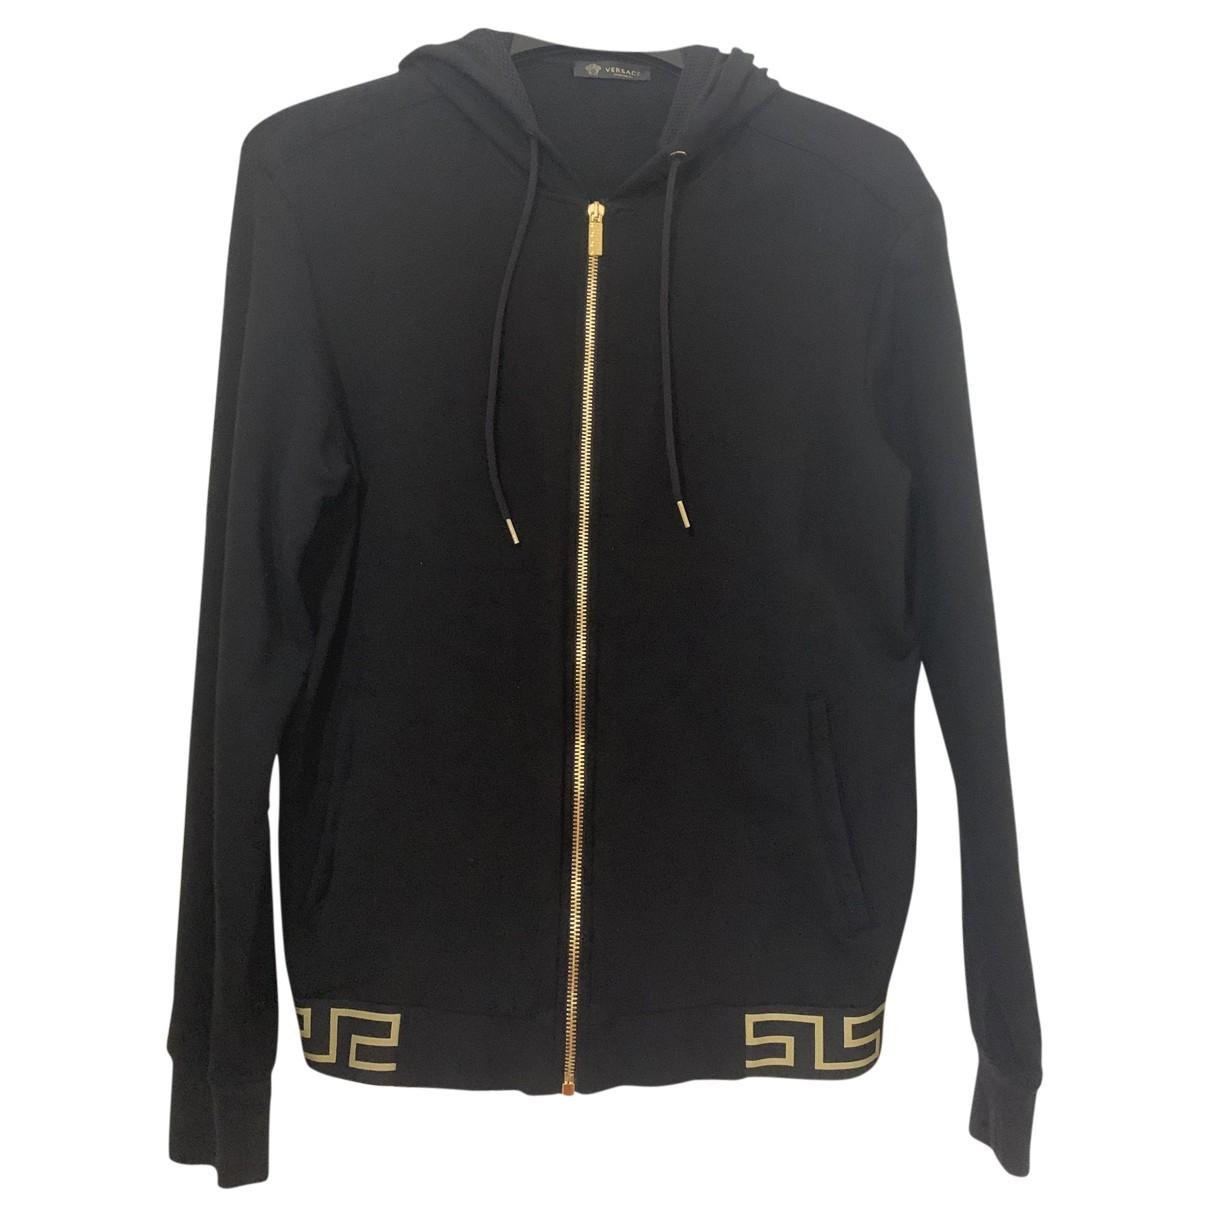 Versace - Pulls.Gilets.Sweats   pour homme en coton - noir